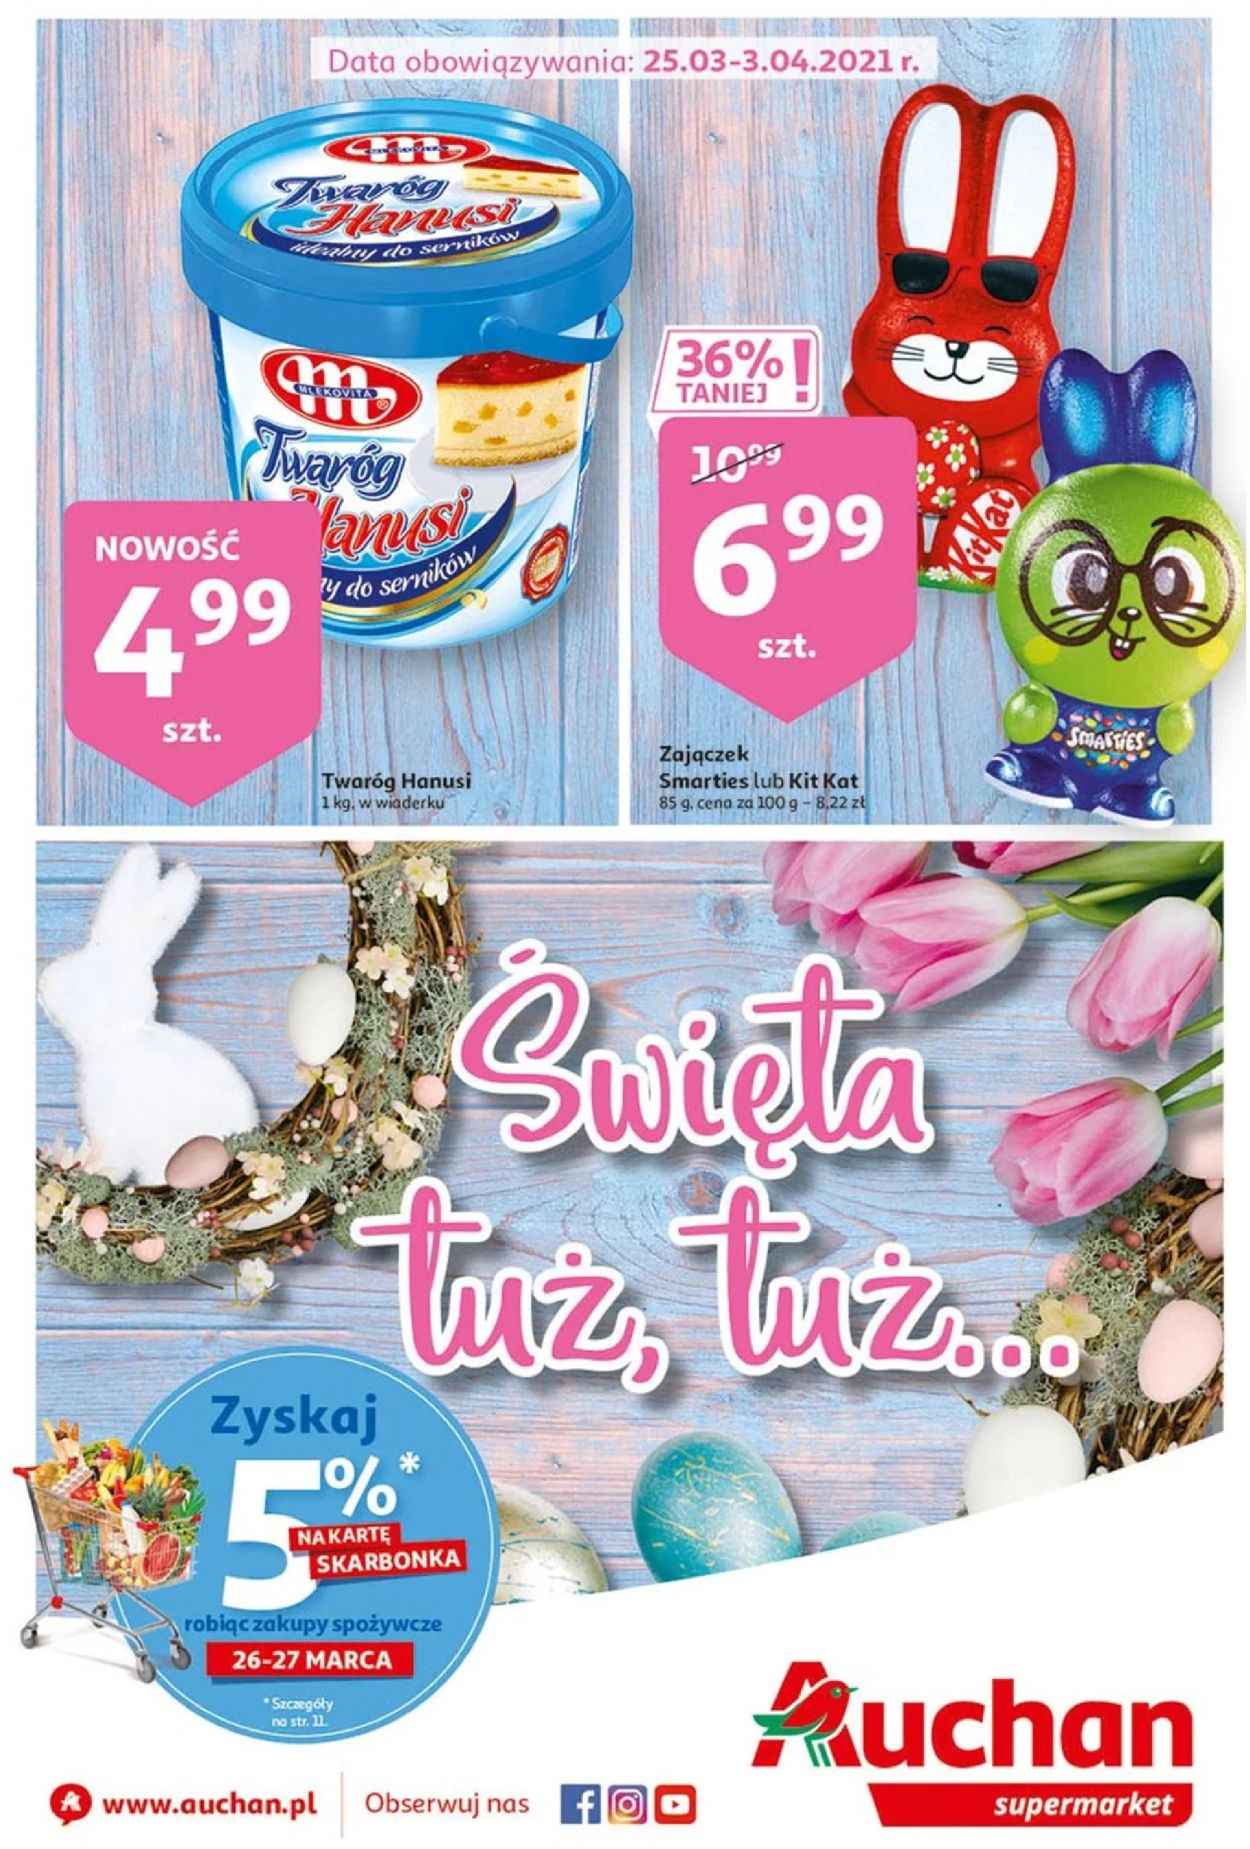 Gazetka promocyjna Auchan Wielkanoc 2021! - 25.03-03.04.2021